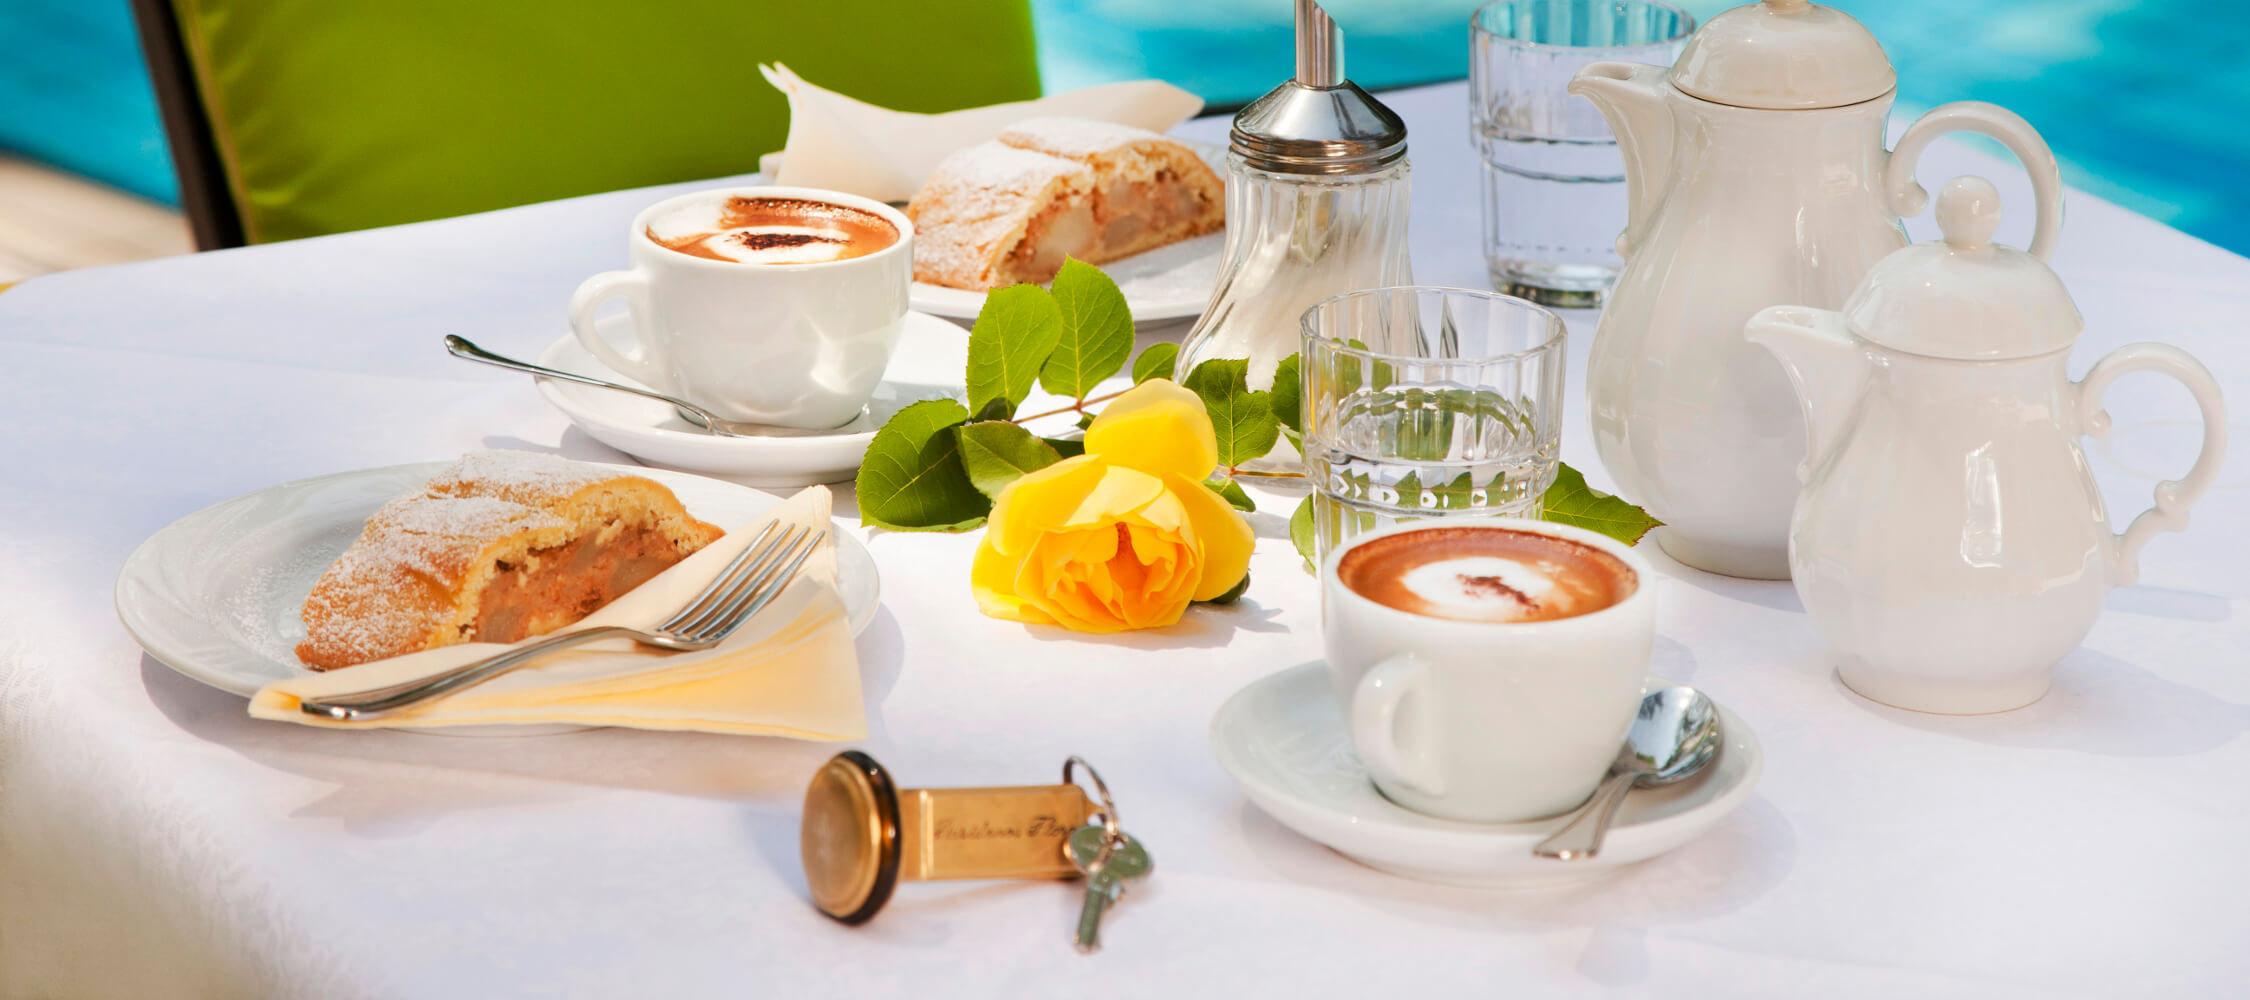 Hotel_Flora_Merano_Aussen_Terrasse_Schwimmbad_Garten_Breakfast_Kaffee_Kuchen_Detail_Michael_Markl_ARK1124-2_2250x1000